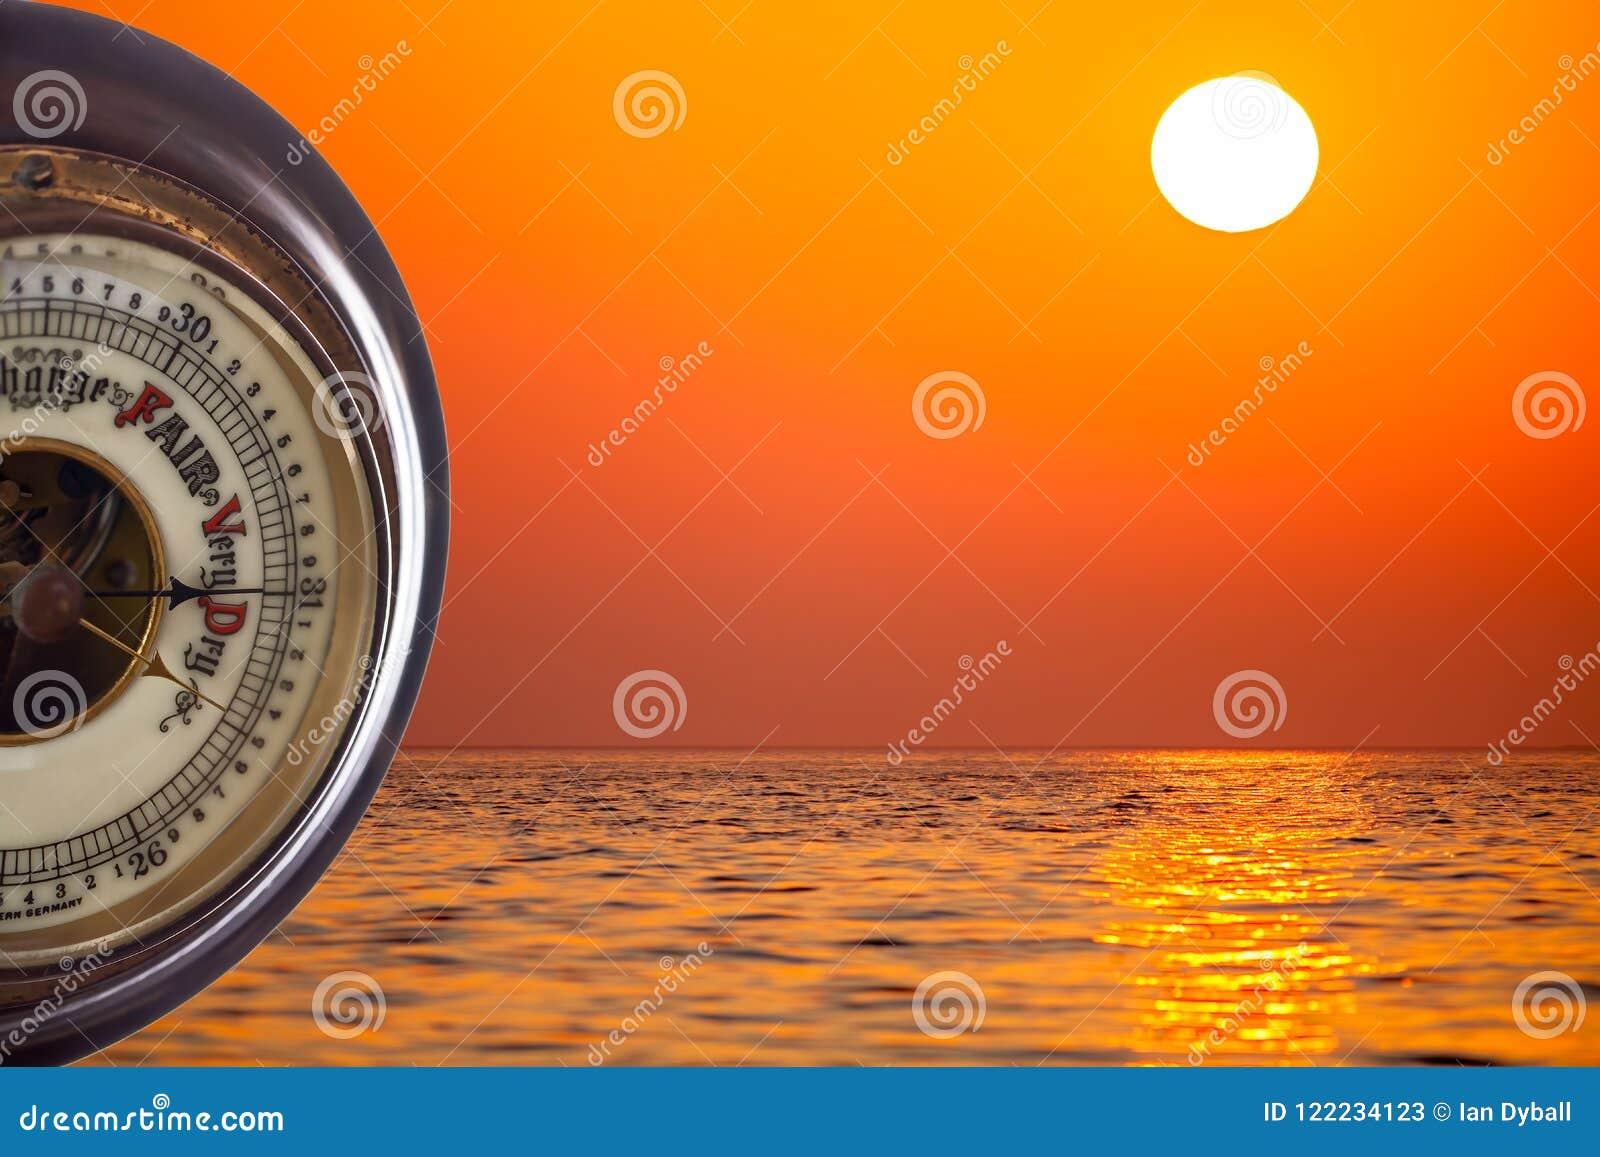 Fala Upałów Barometryczna prognozowanie bardzo sucha pogoda przeciw zwrotnikowi